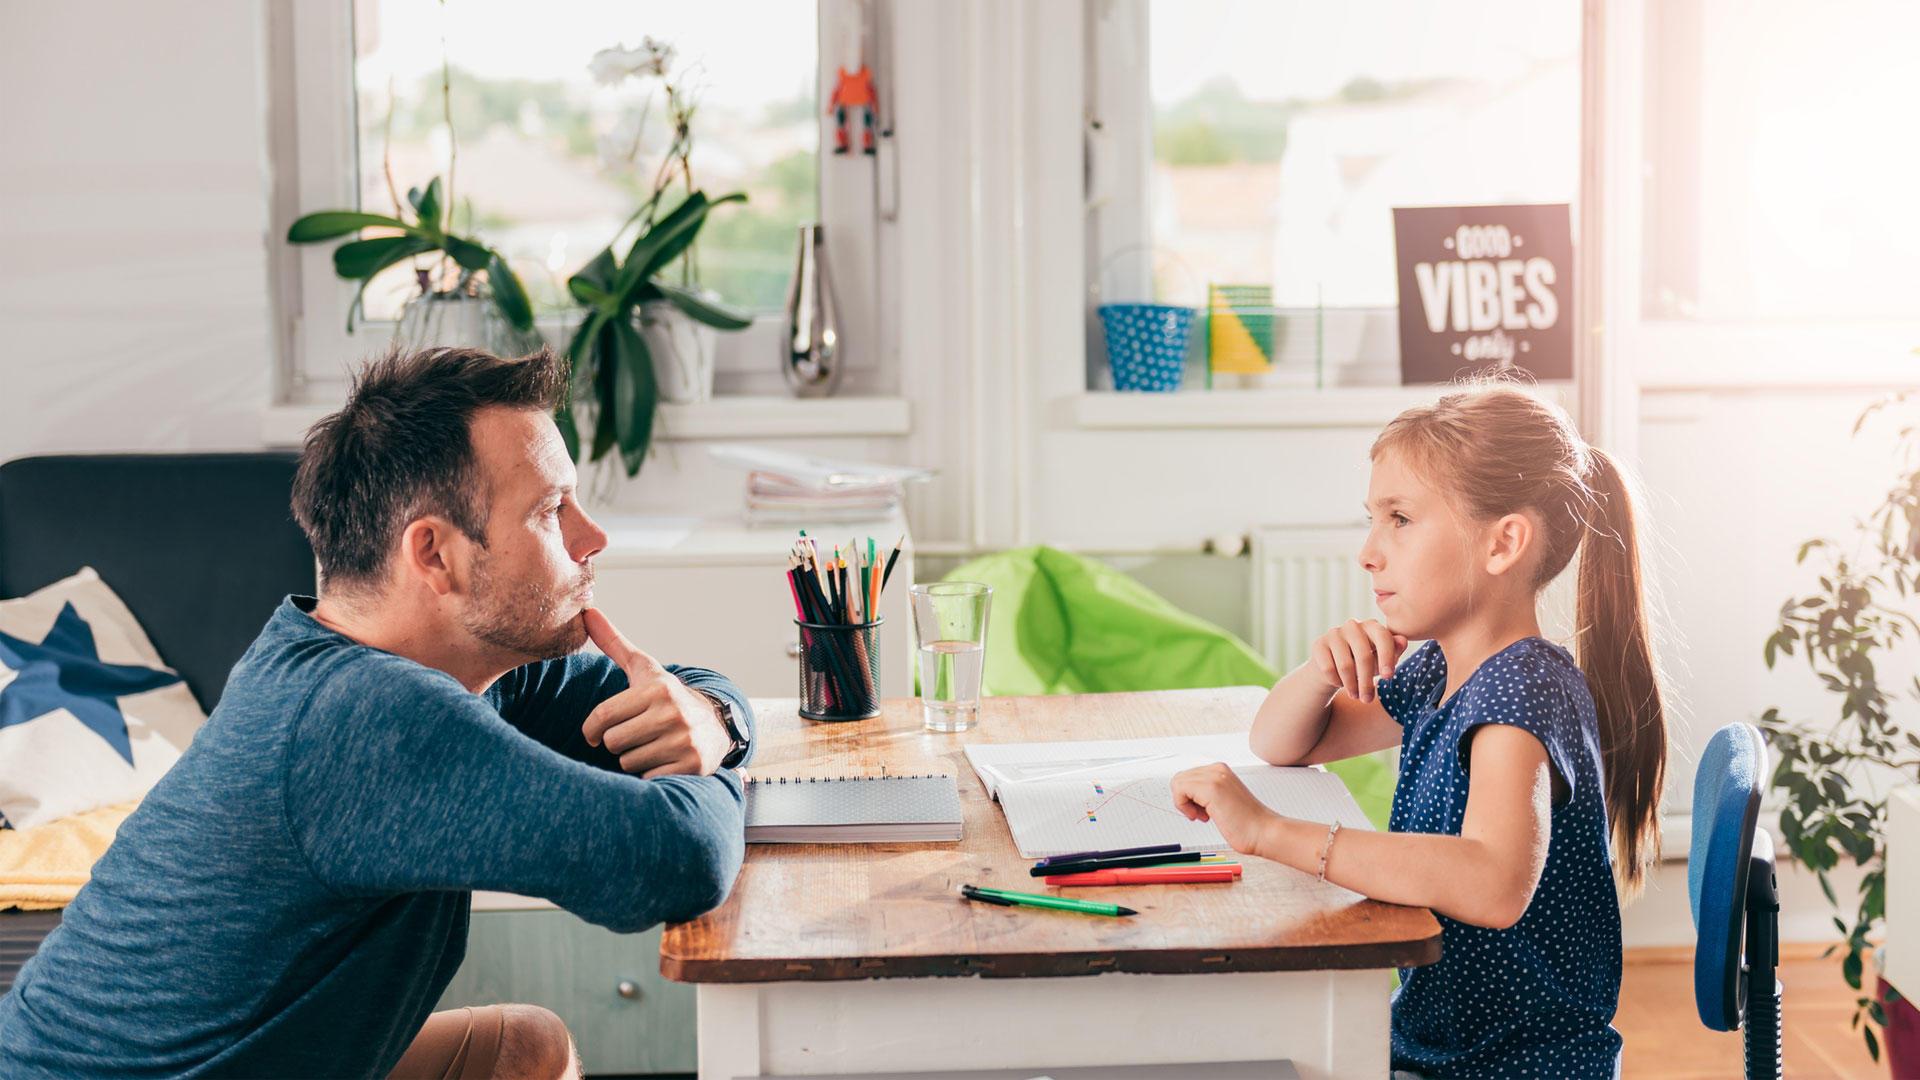 7 Malos Consejos Que (¡sin Querer!) Los Padres Solemos Dar A Los Hijos